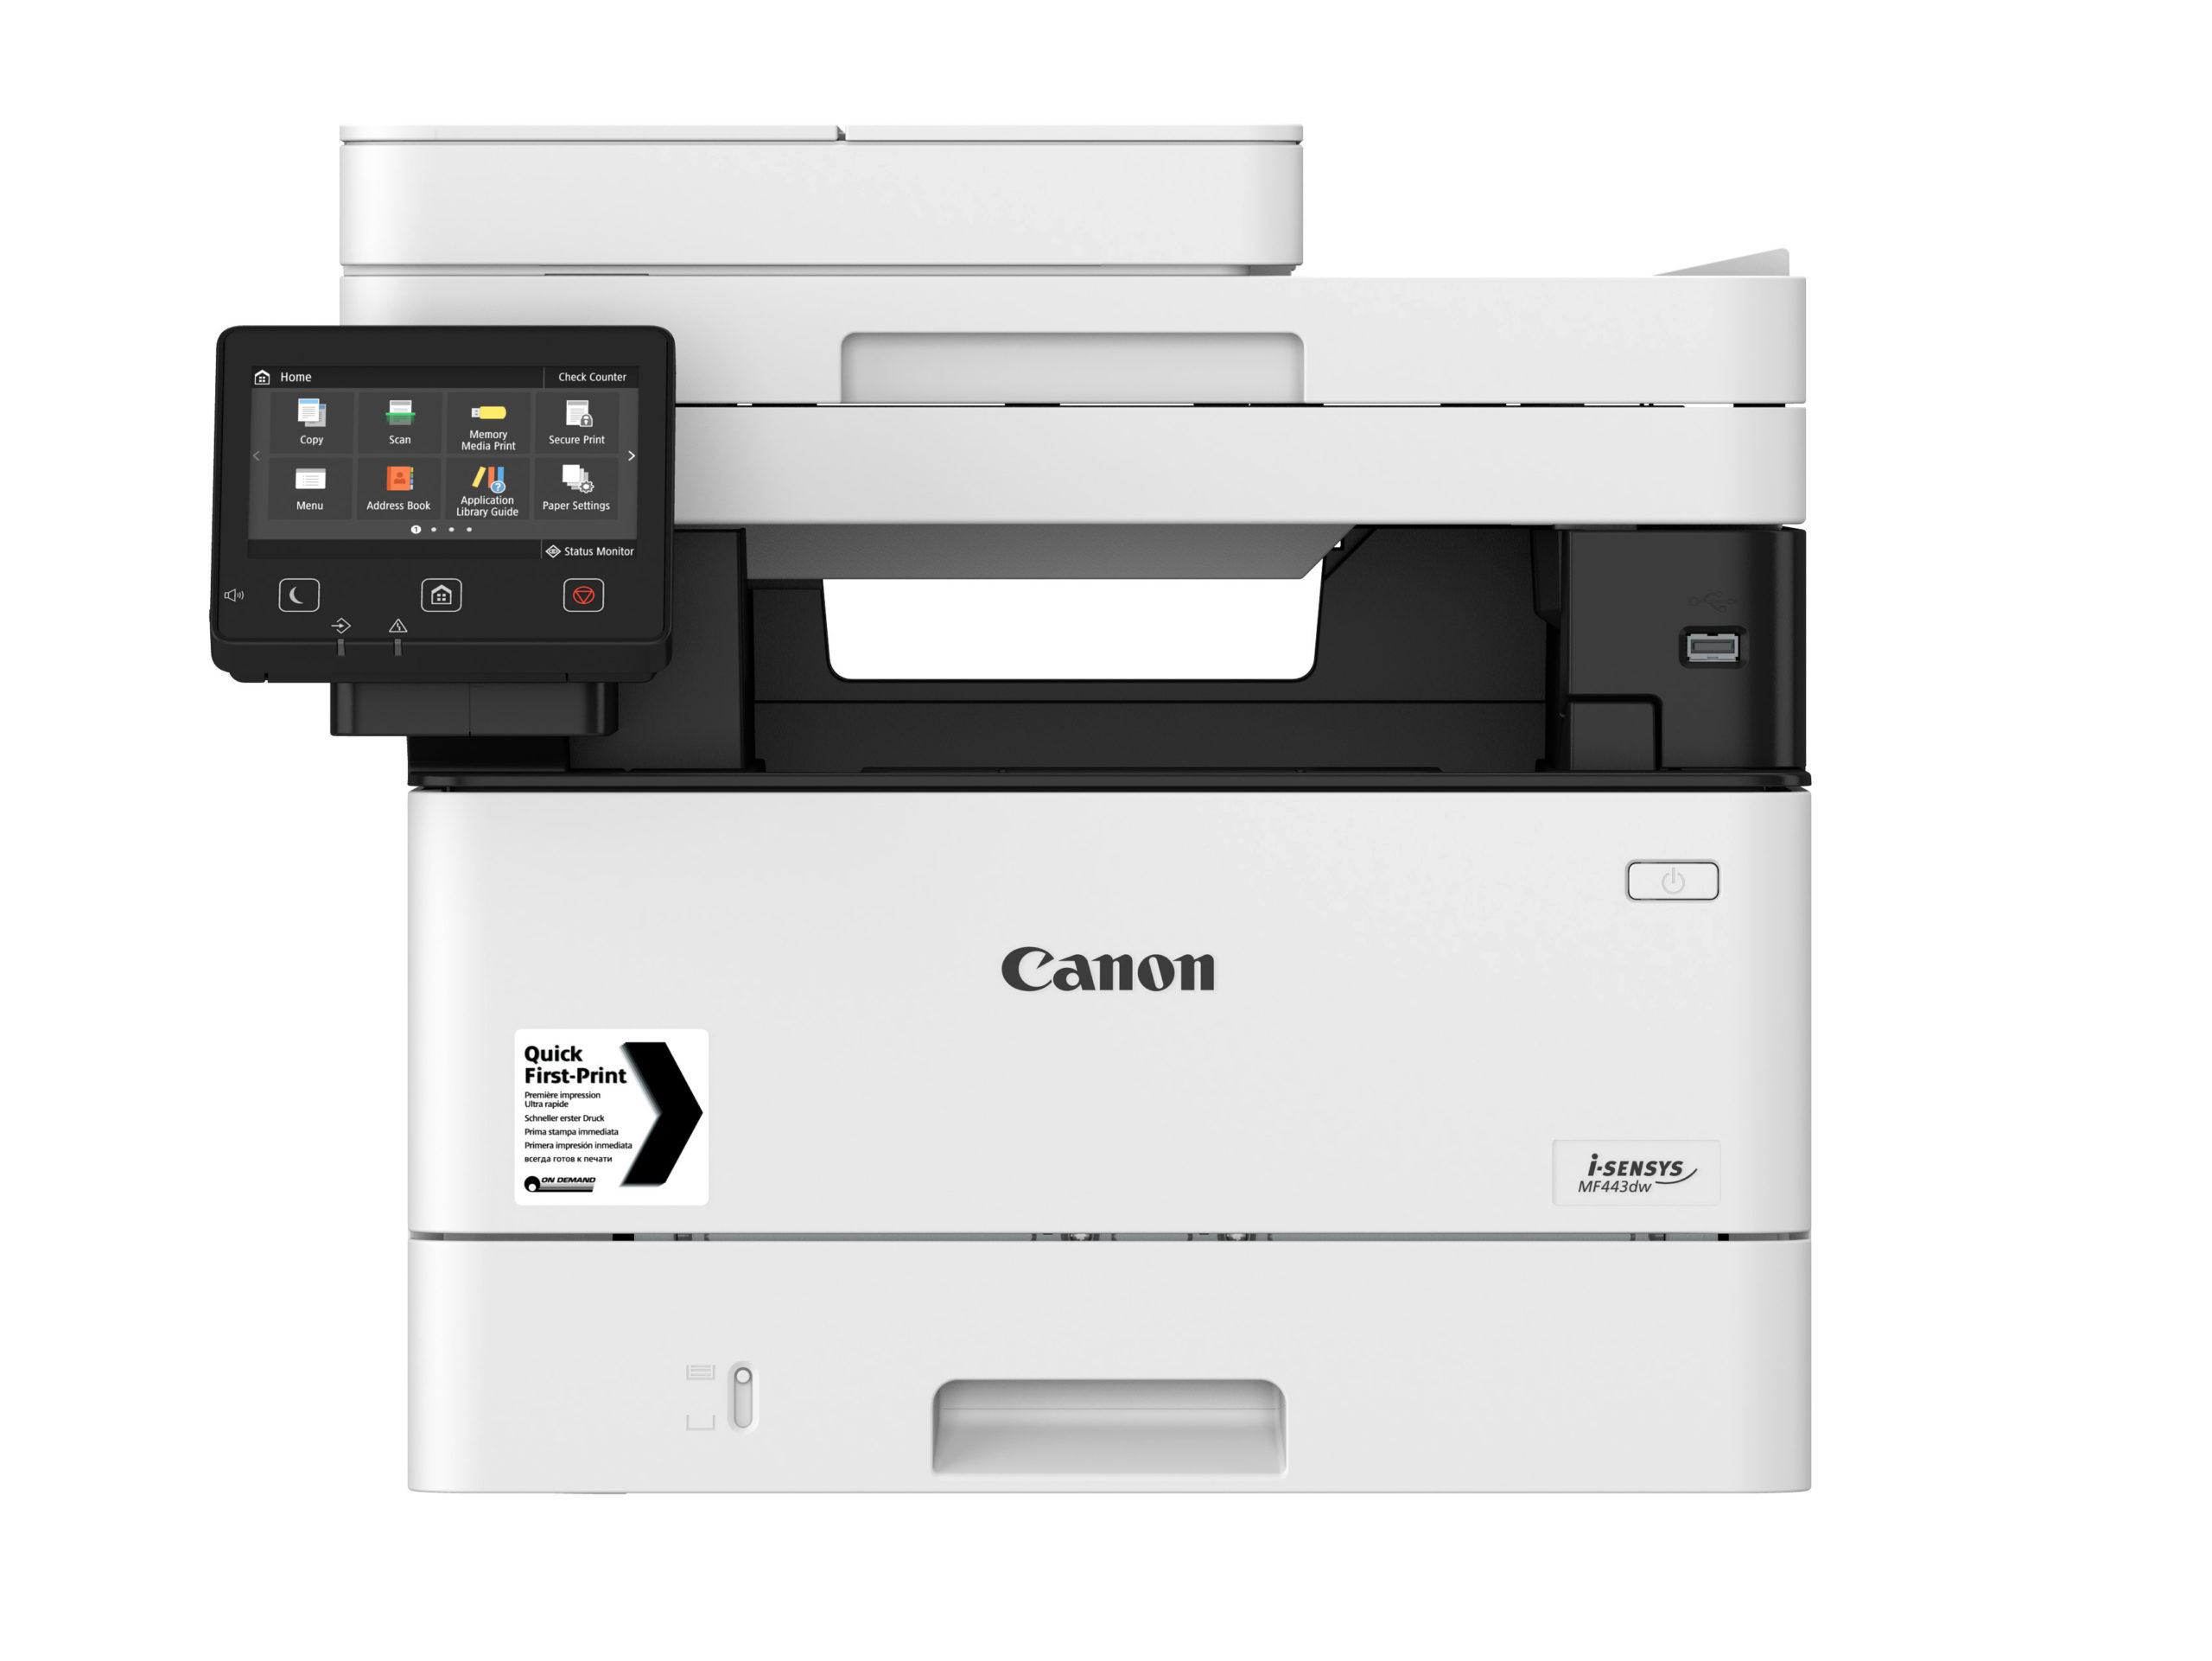 Noleggio Stampante Multifunzione CANON I-SENSYS MF443DW - Lyreco print services